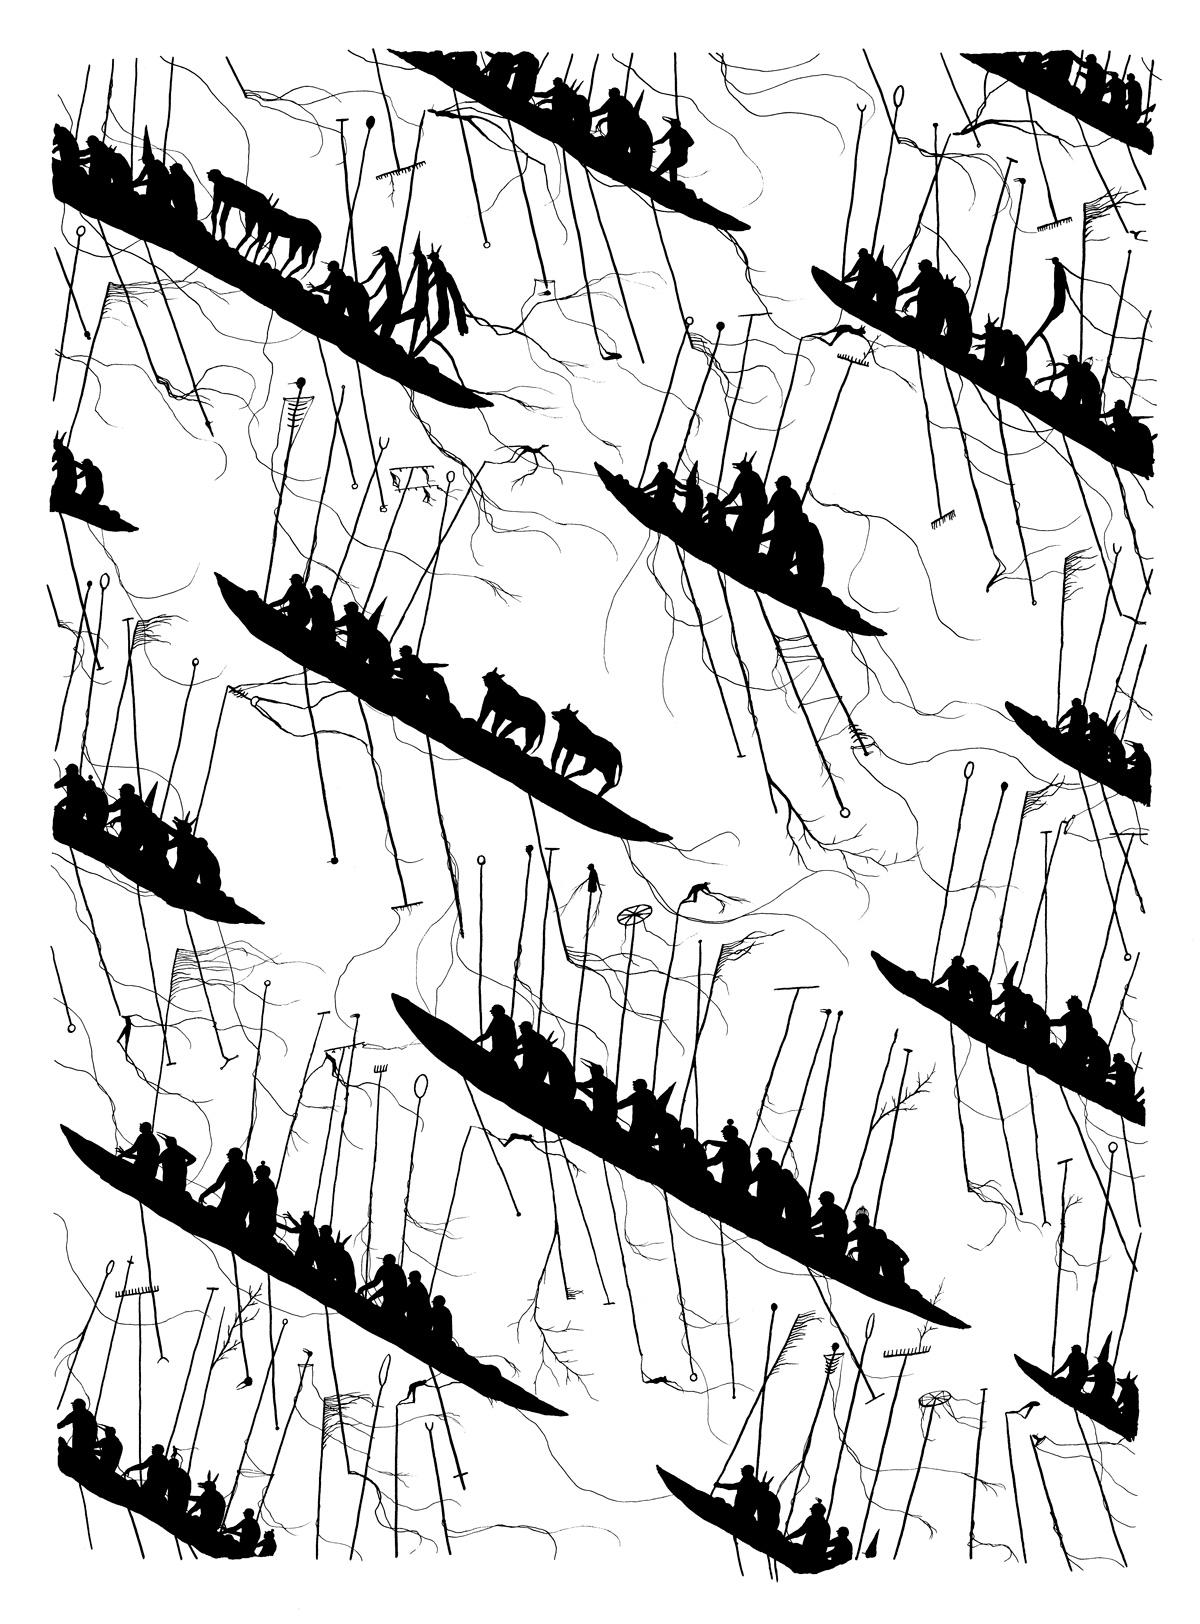 David de la Mano_Sin título_Tinta china sobre papel_56x76 cm_2016